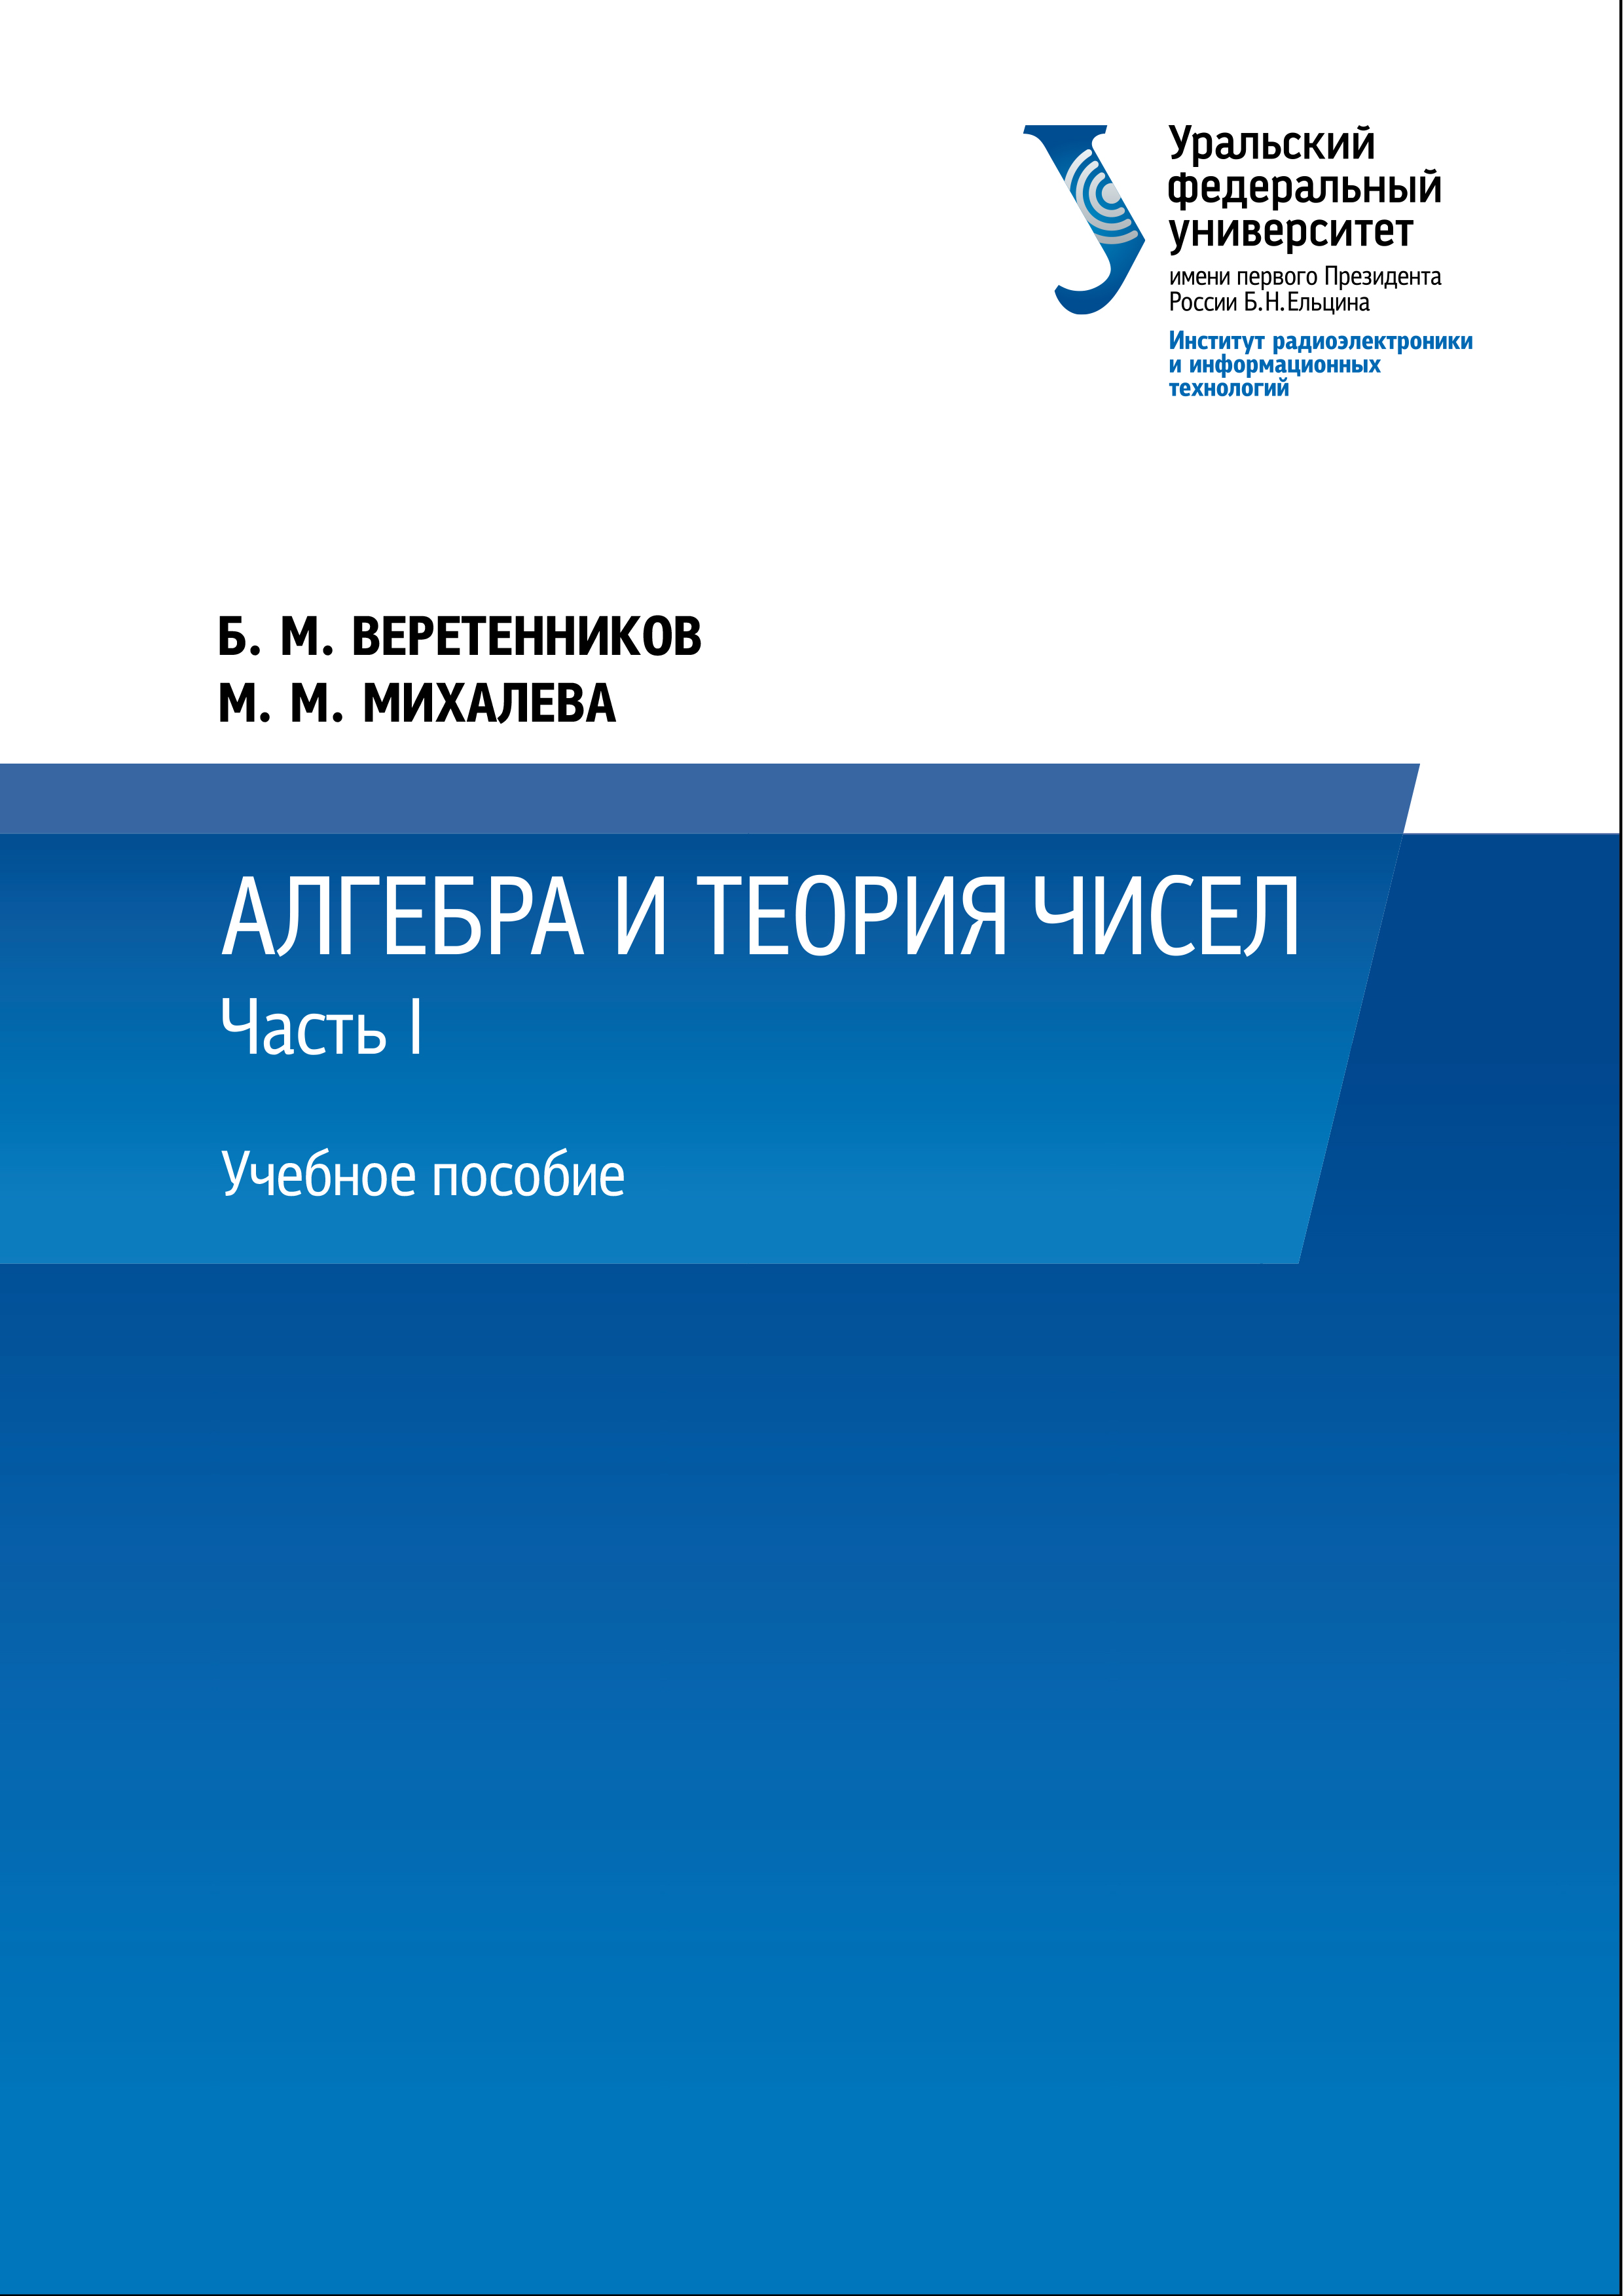 Б. М. Веретенников Алгебра и теория чисел. Часть 1 теория чисел учебное пособие